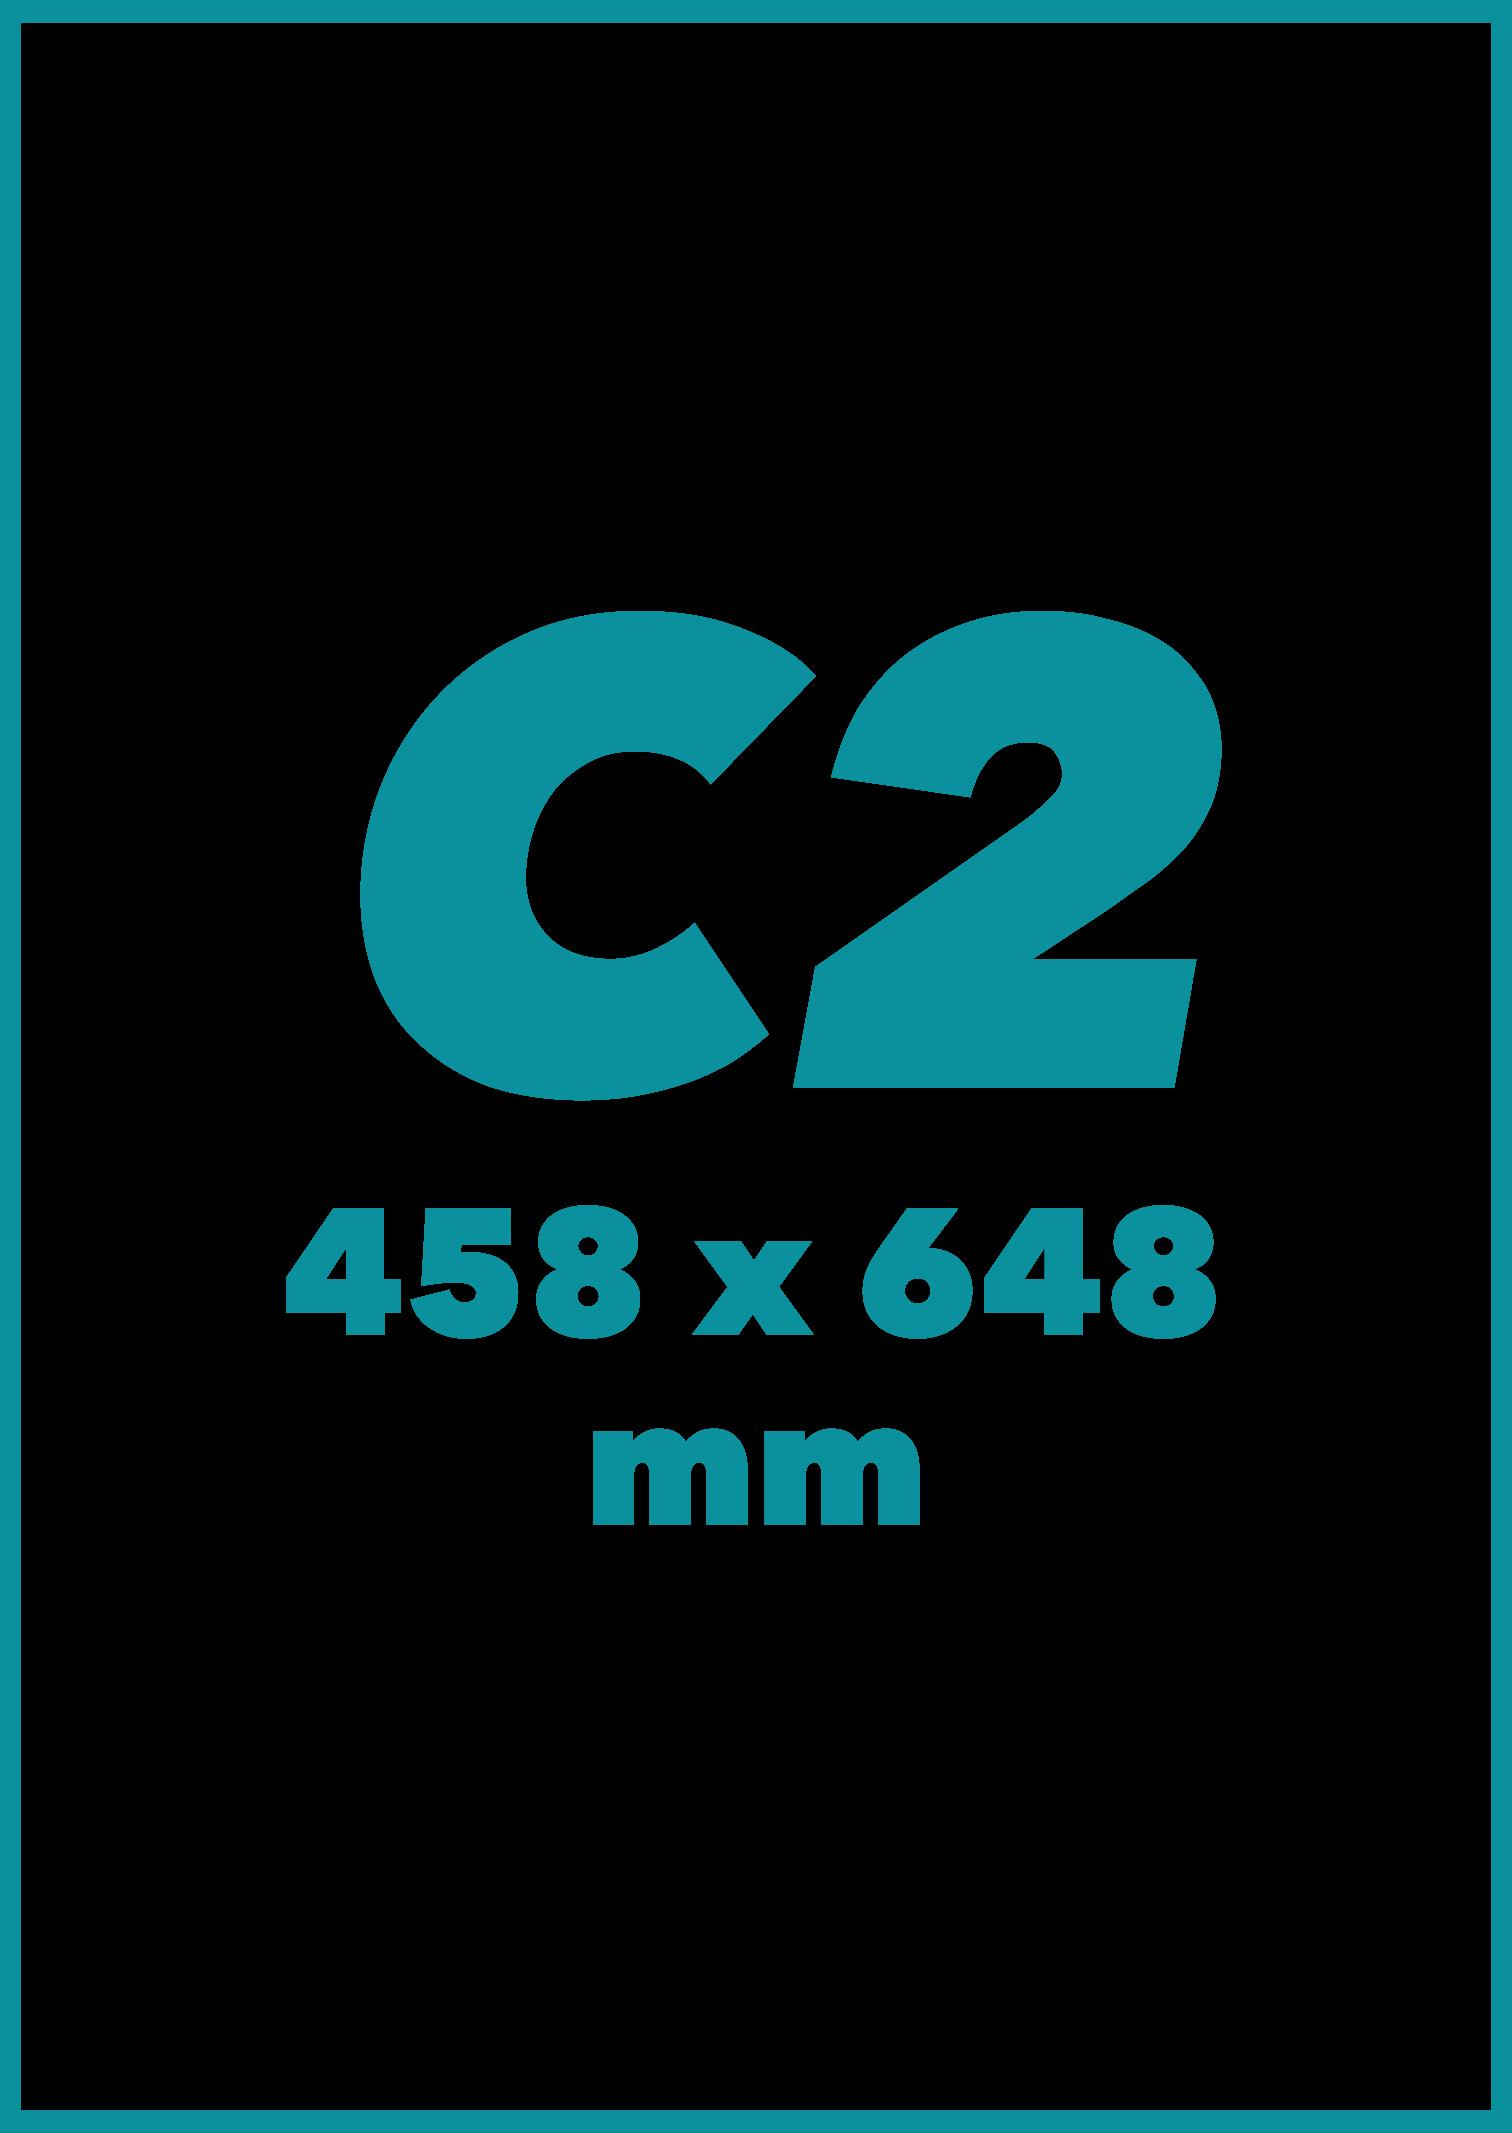 C2 Formatas